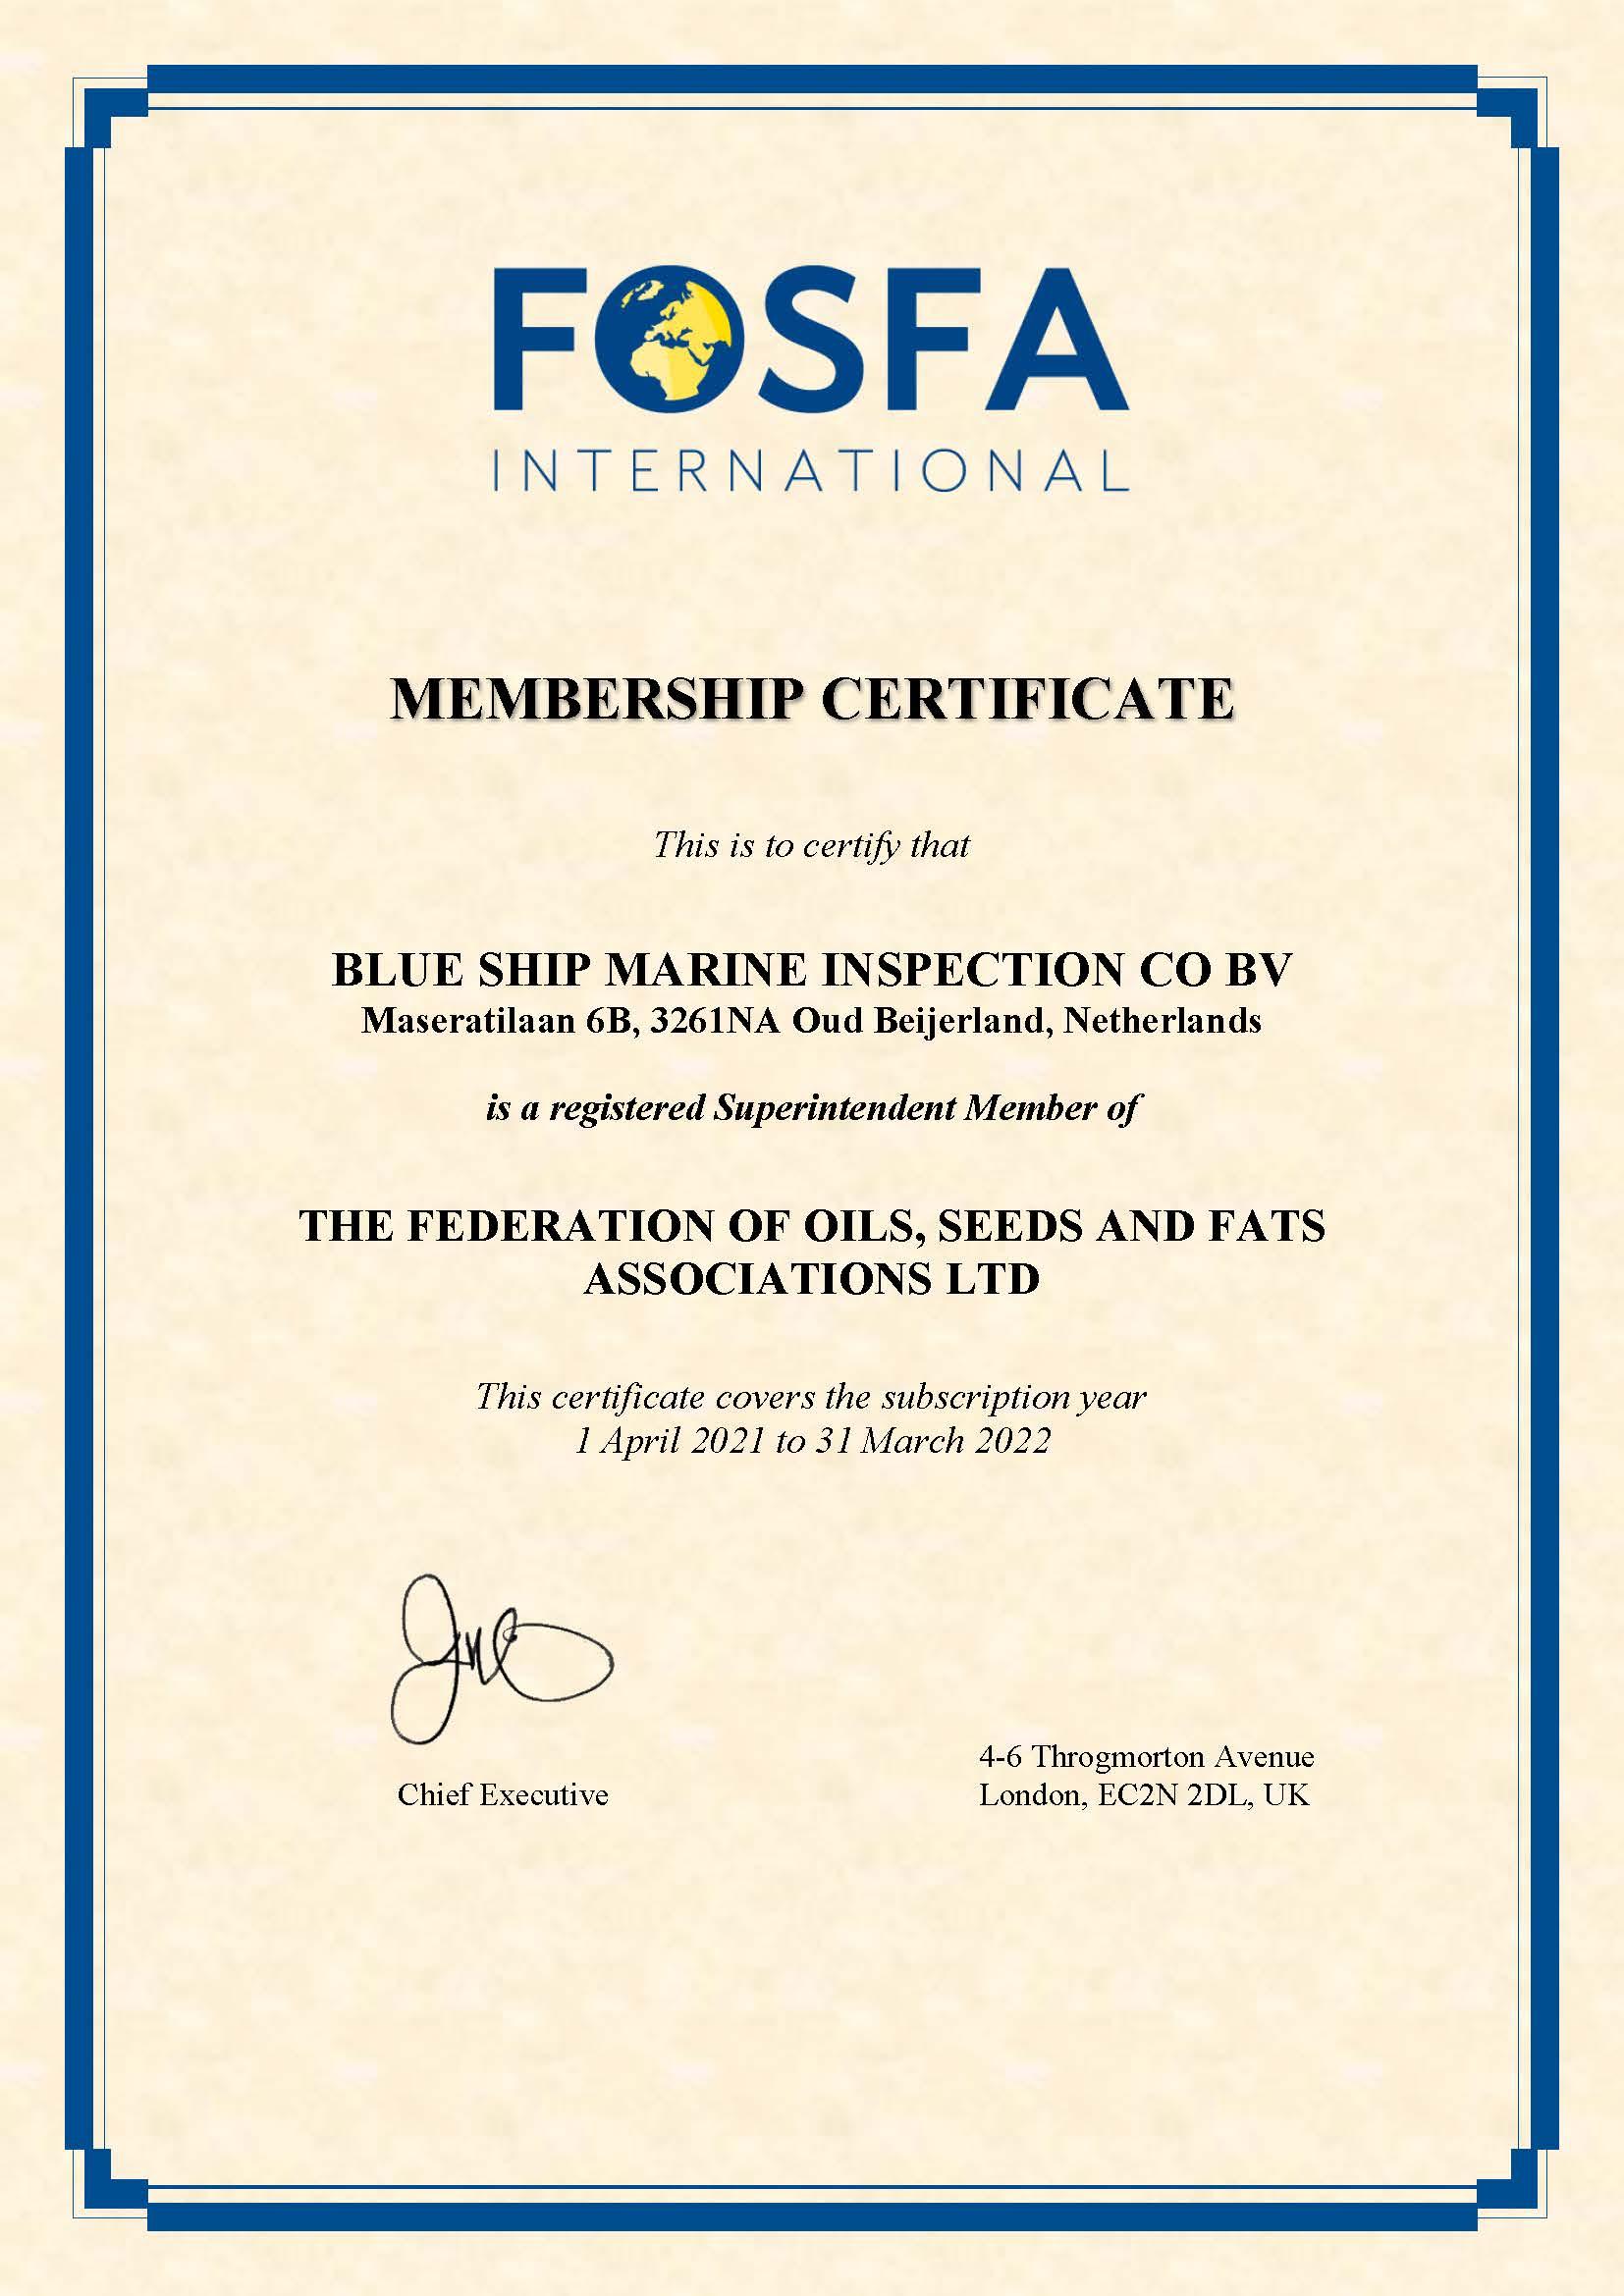 Membership Certificate 2021 - BLUNL00